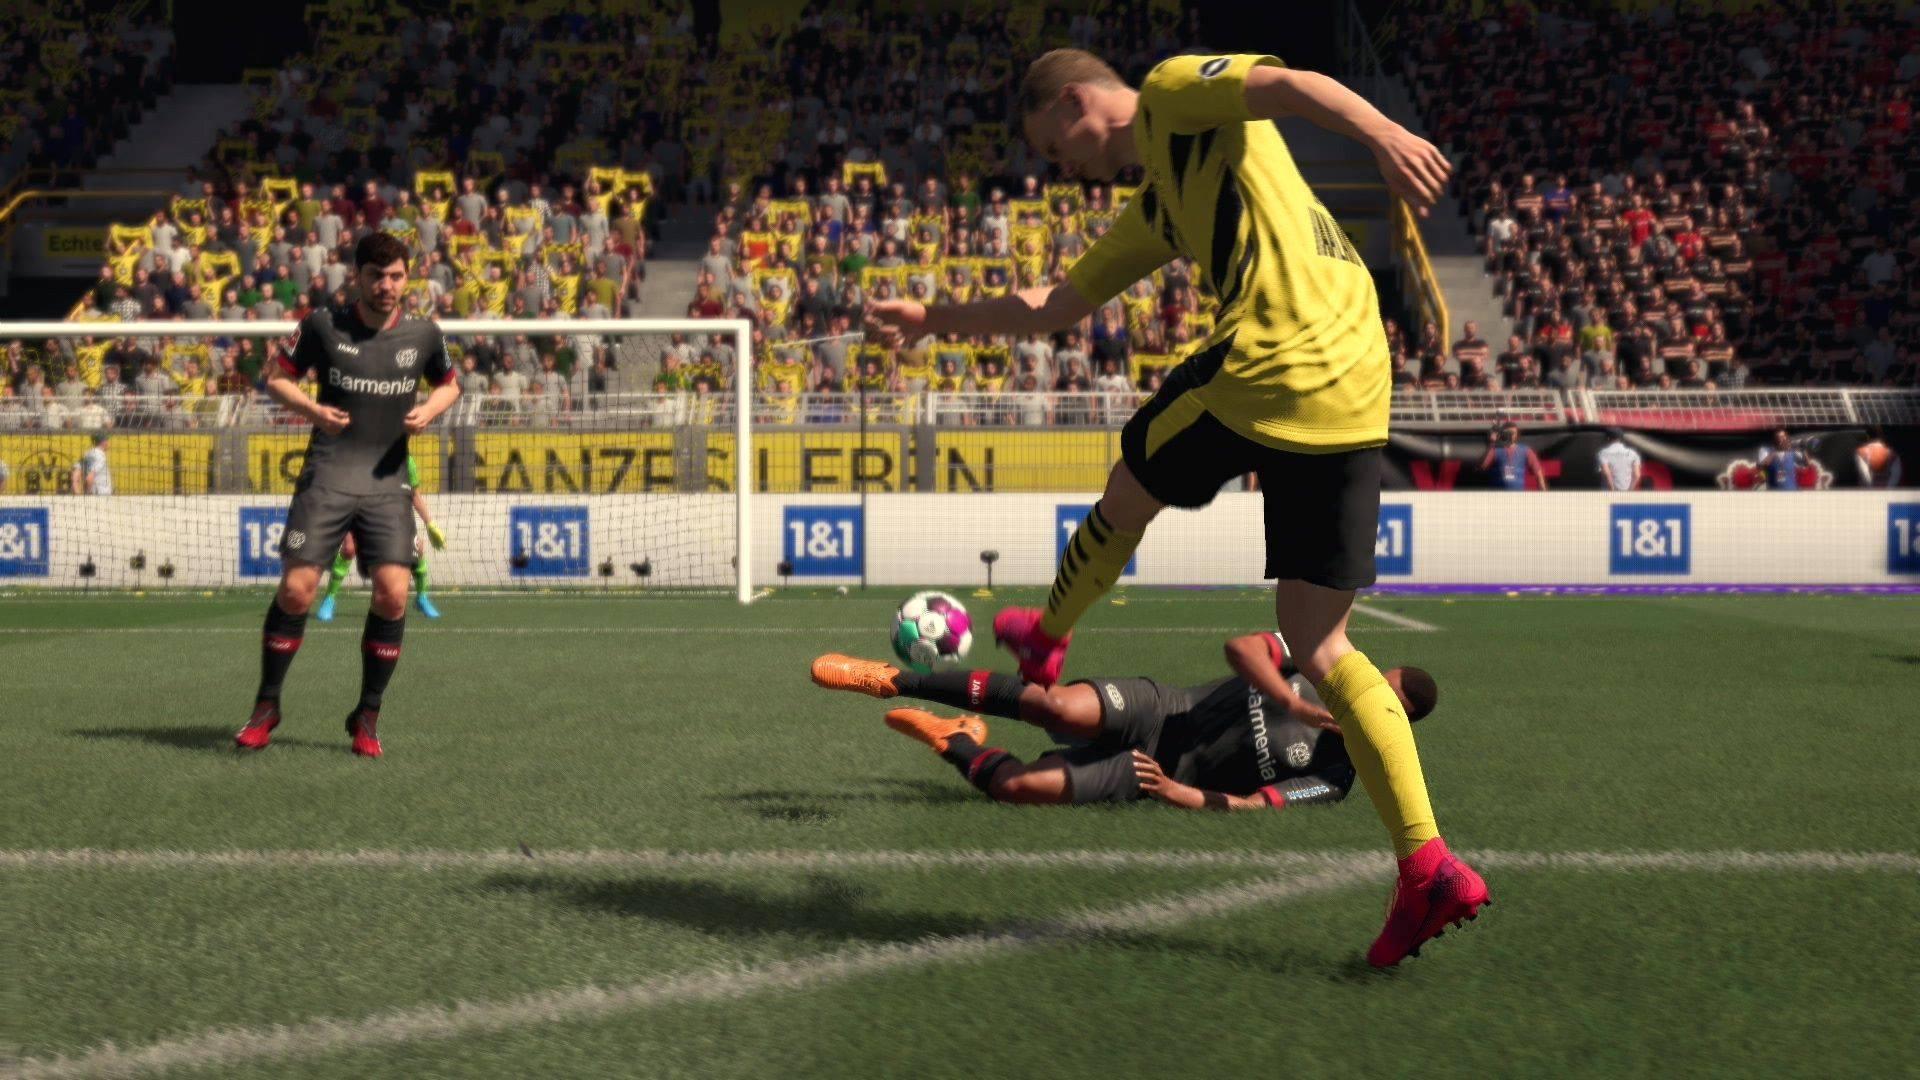 FIFA 21 on goal